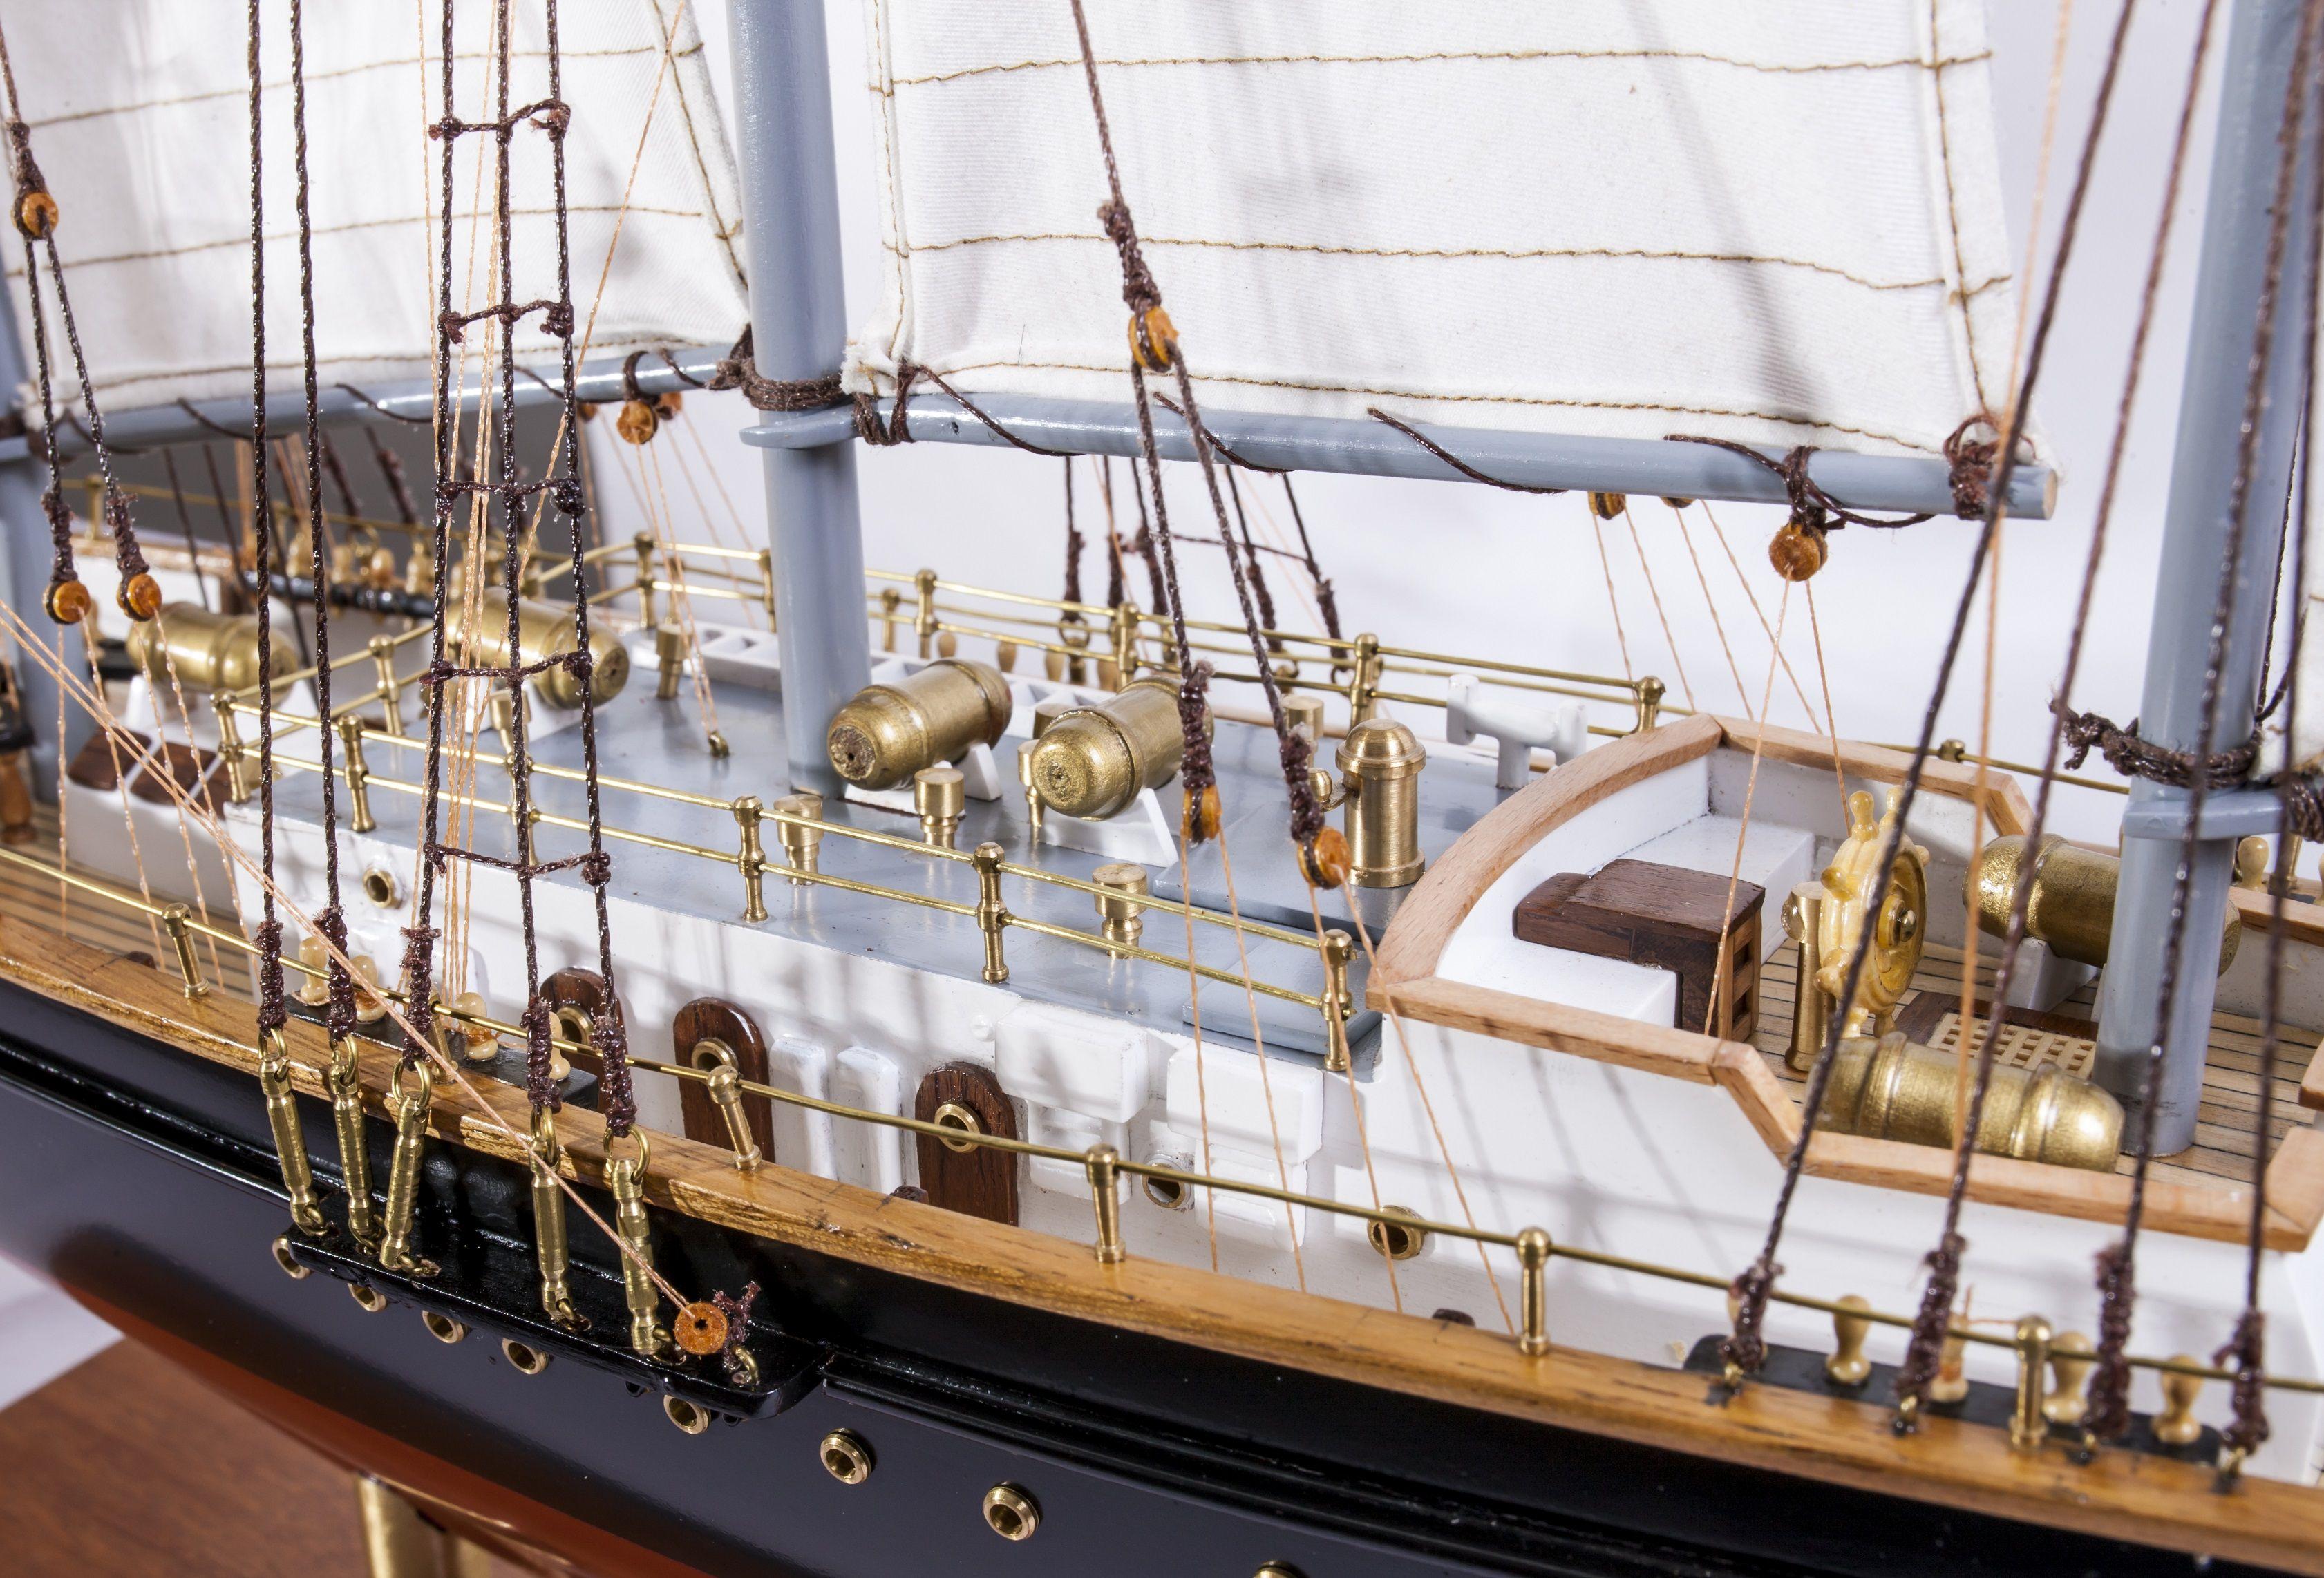 1524-9095-Sir-Winston-Churchill-Model-Boat